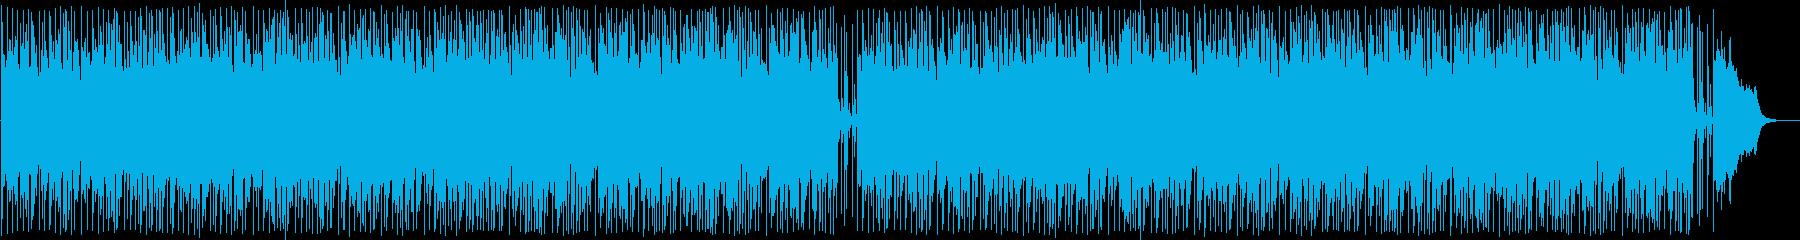 楽しげなシンセサイザーポップの再生済みの波形